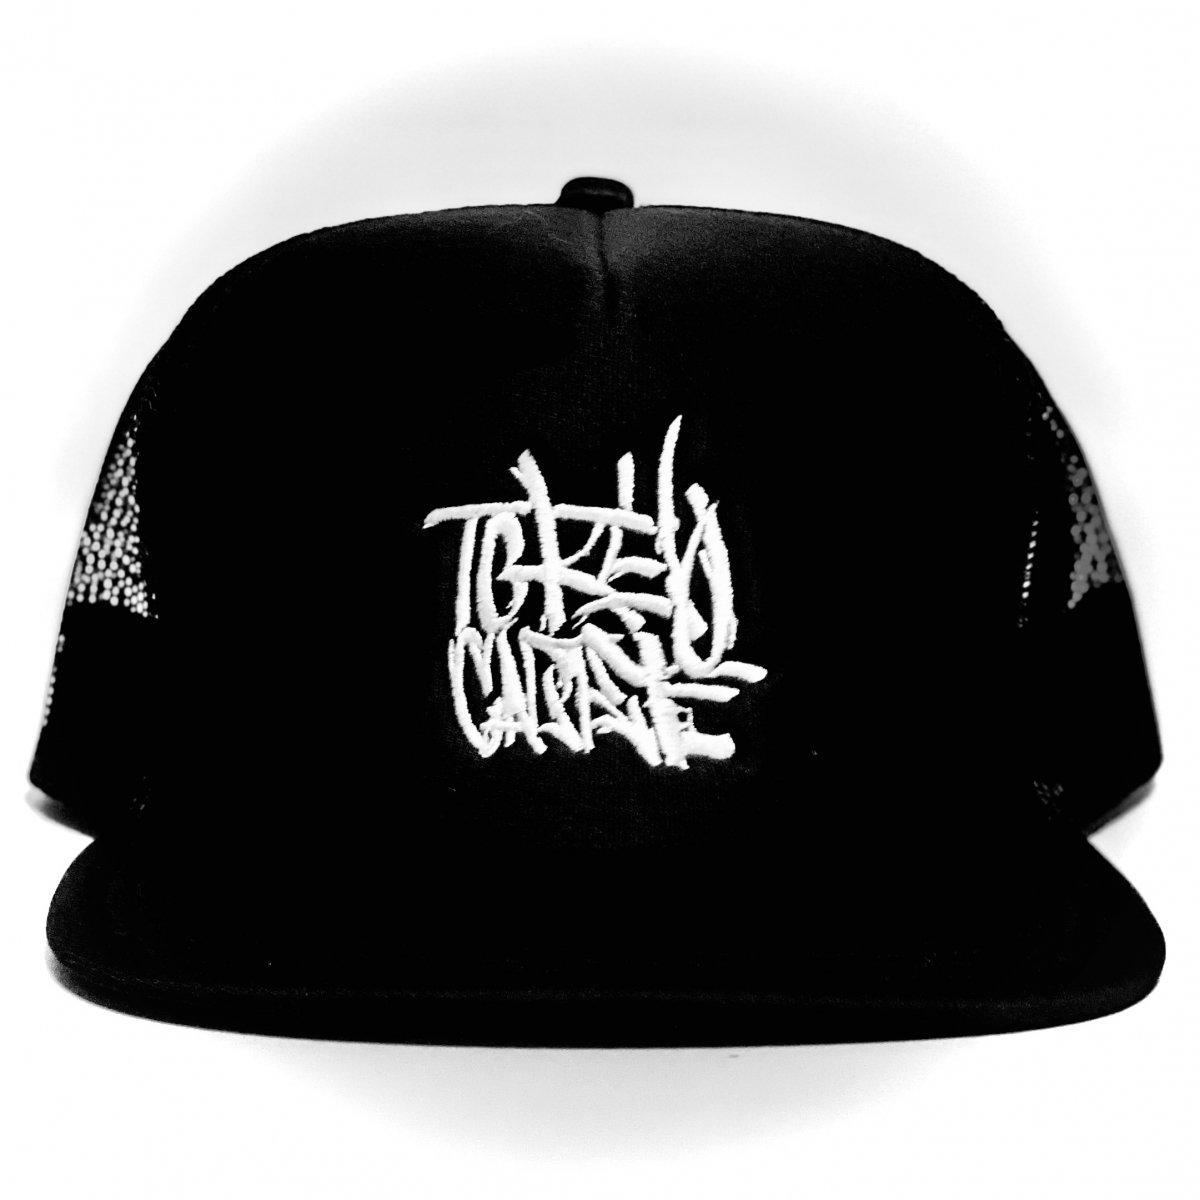 ORIGINAL CAP